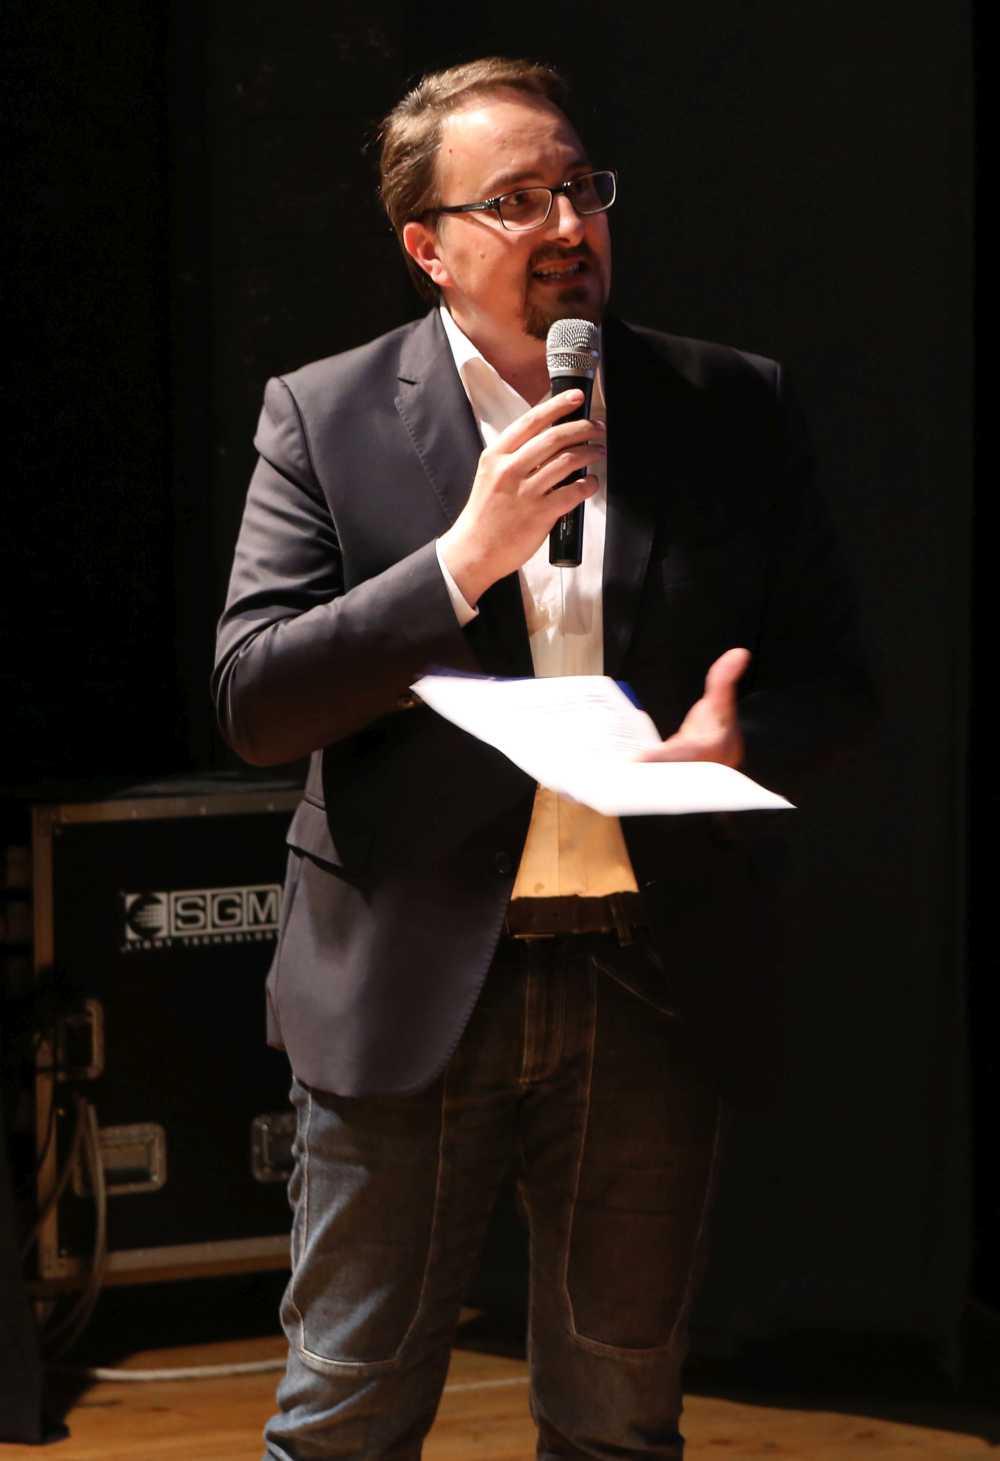 Presentati i candidati della lista Progetto Comune del candidato Sindaco Massimo Narcisi